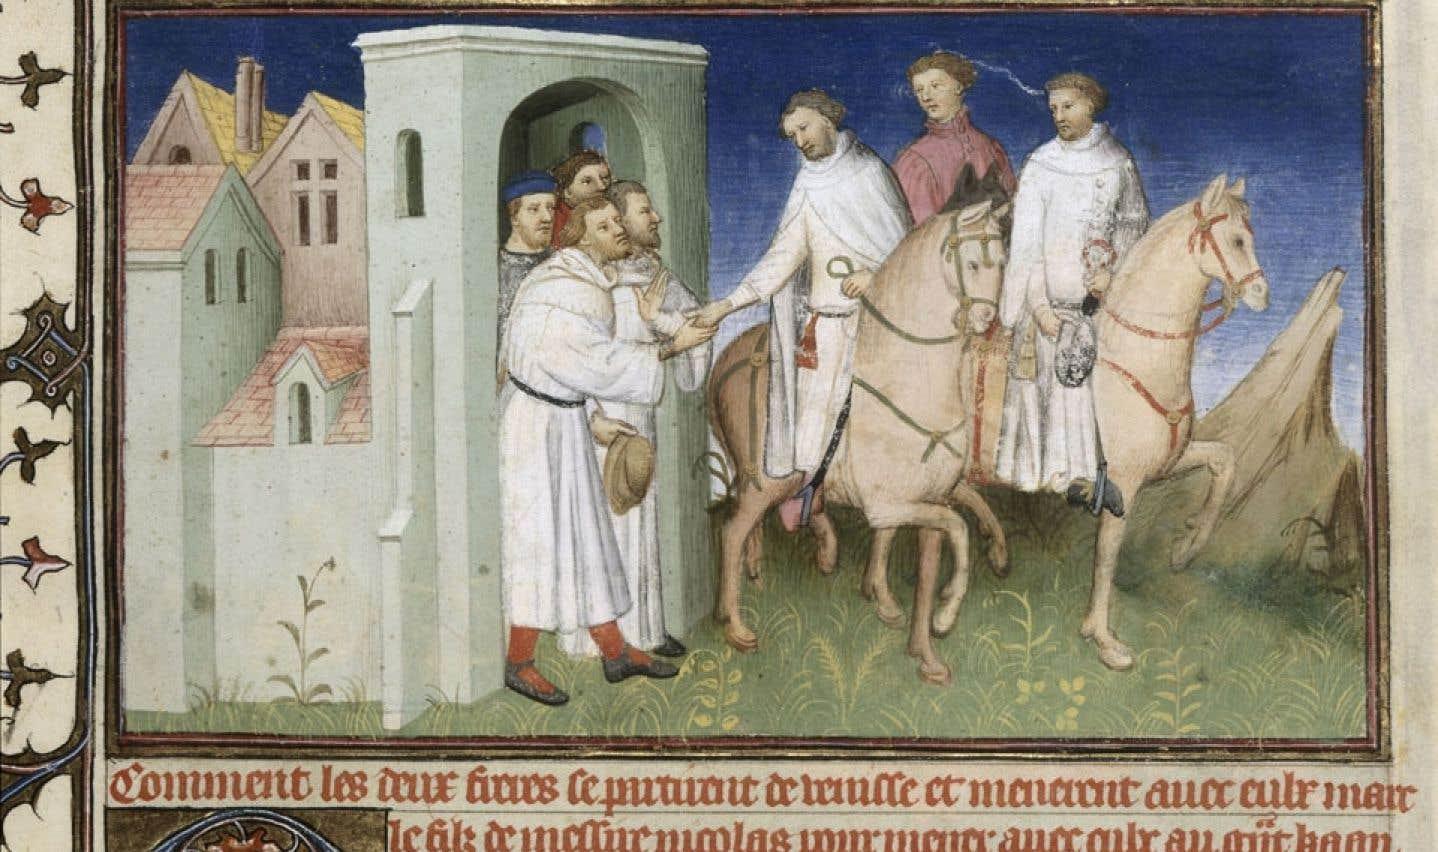 Image tirée du Livre des merveilles montrant Marco Polo à 17 ans, chevauchant entre son père et son oncle, lors du grand départ de Venise. On peut l'apercevoir à l'expositionMarco Polo – Le fabuleux voyage, au musée Pointe-à-Callière.